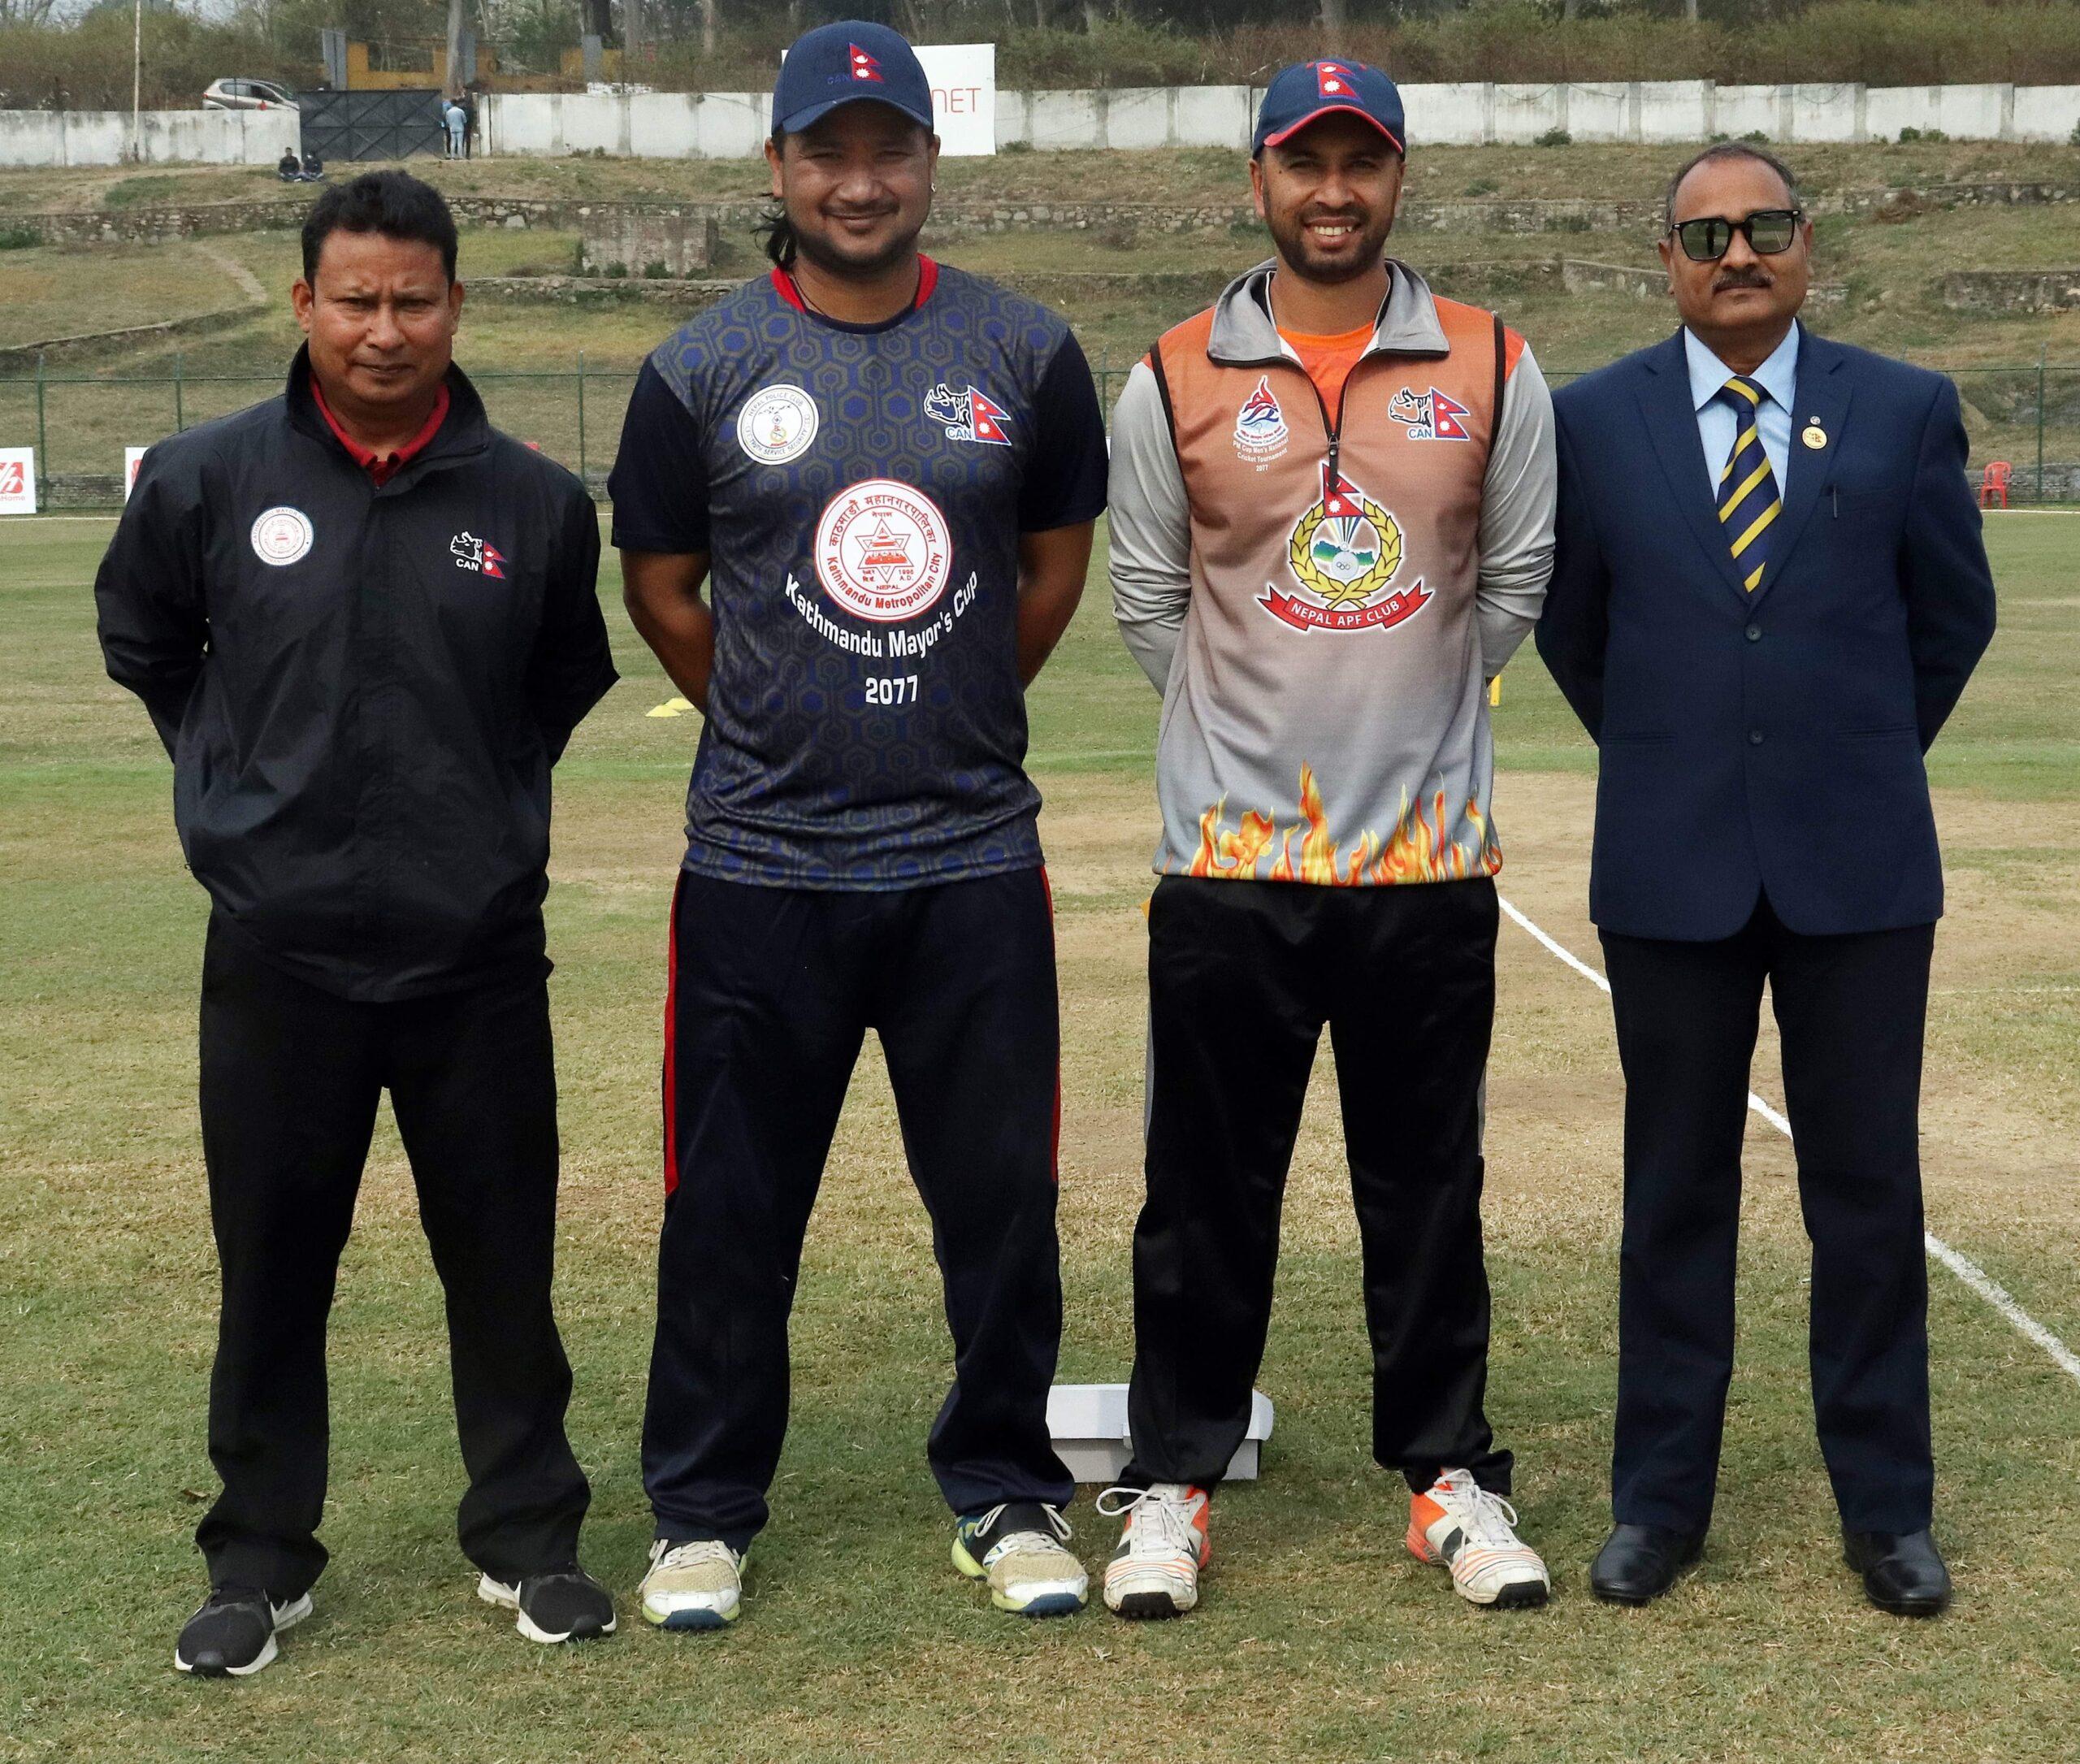 मेयर कप क्रिकेट फाइनल : एपीएफ ब्याटिङमा